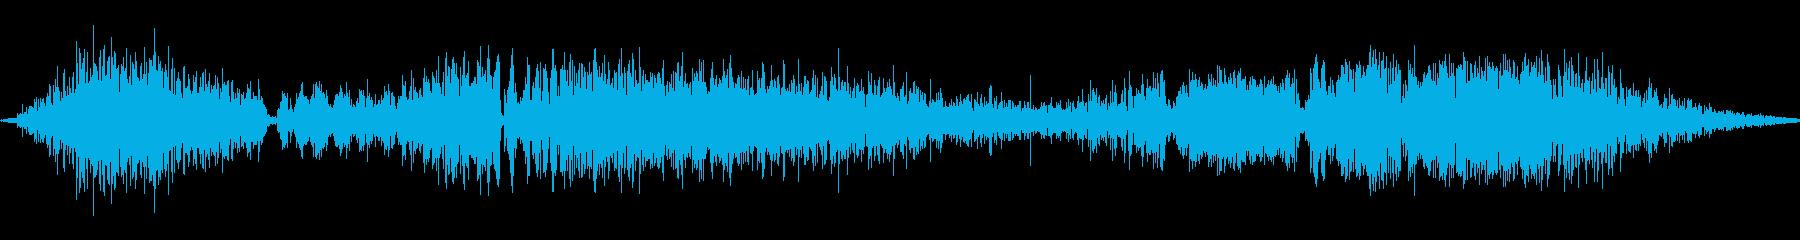 モンスターキャットグロウルの再生済みの波形